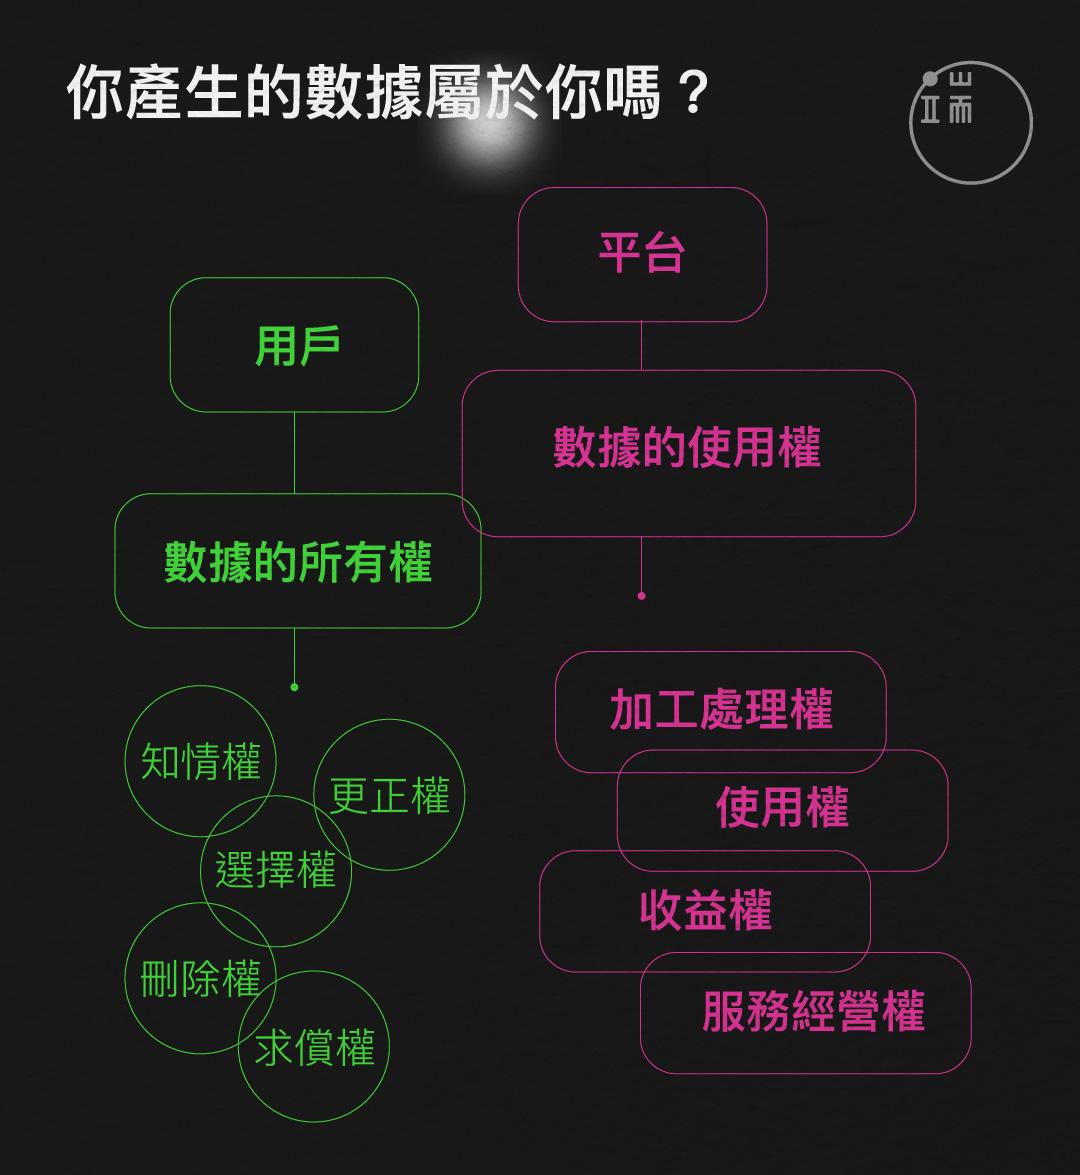 中國的數據權利分配現狀。